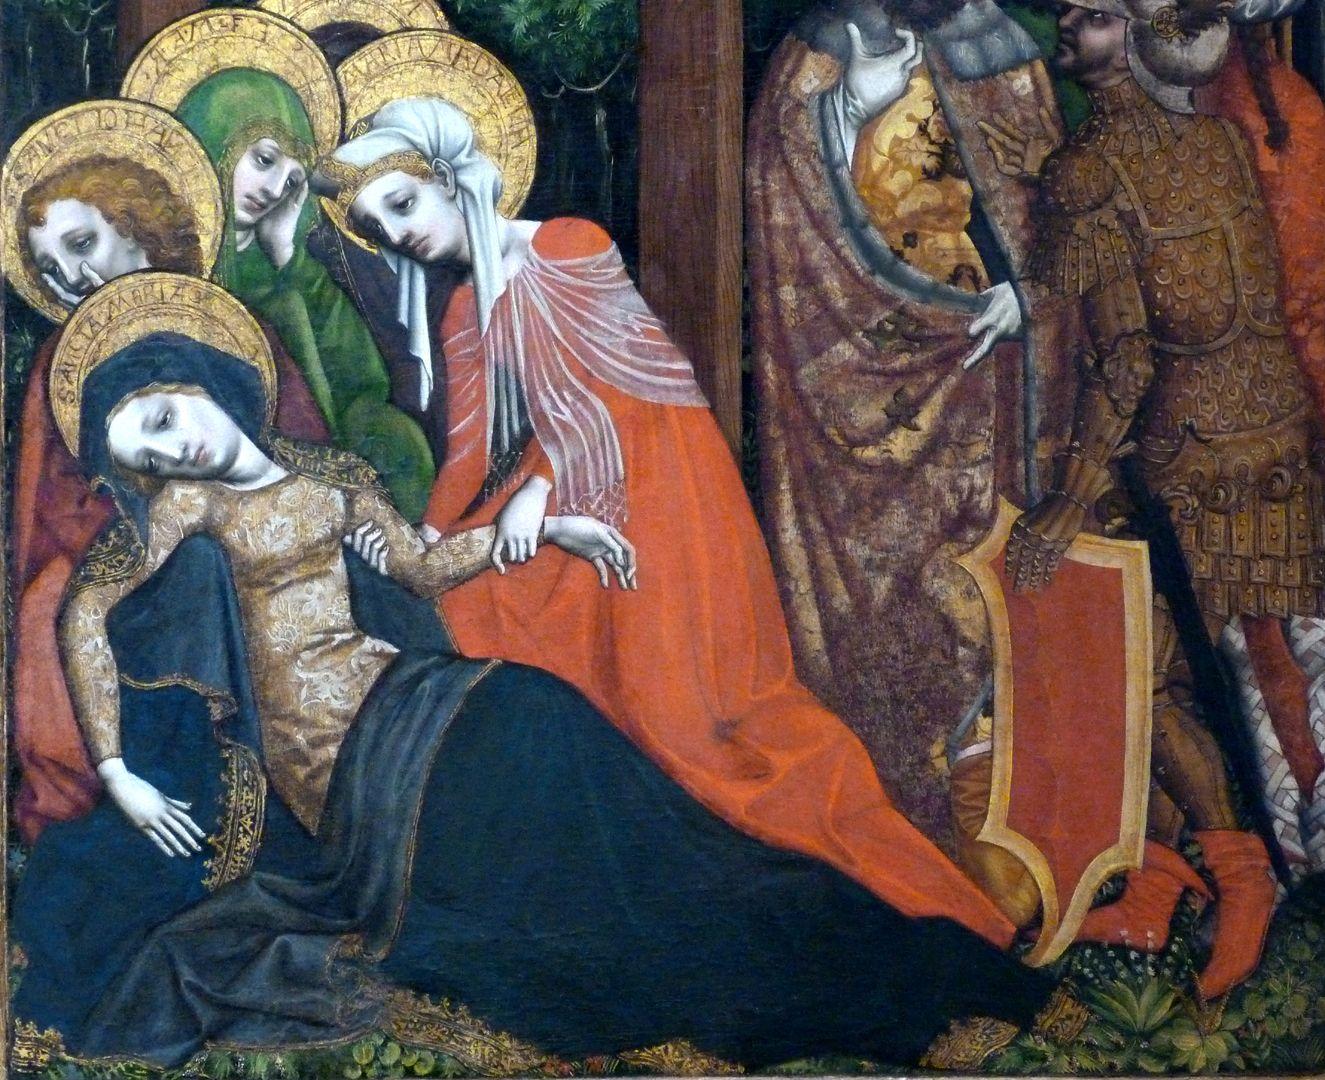 Passionsaltar der Johanniskirche Ohnmacht Mariä, man beachte den italienischen Charakter der Frauengesichter